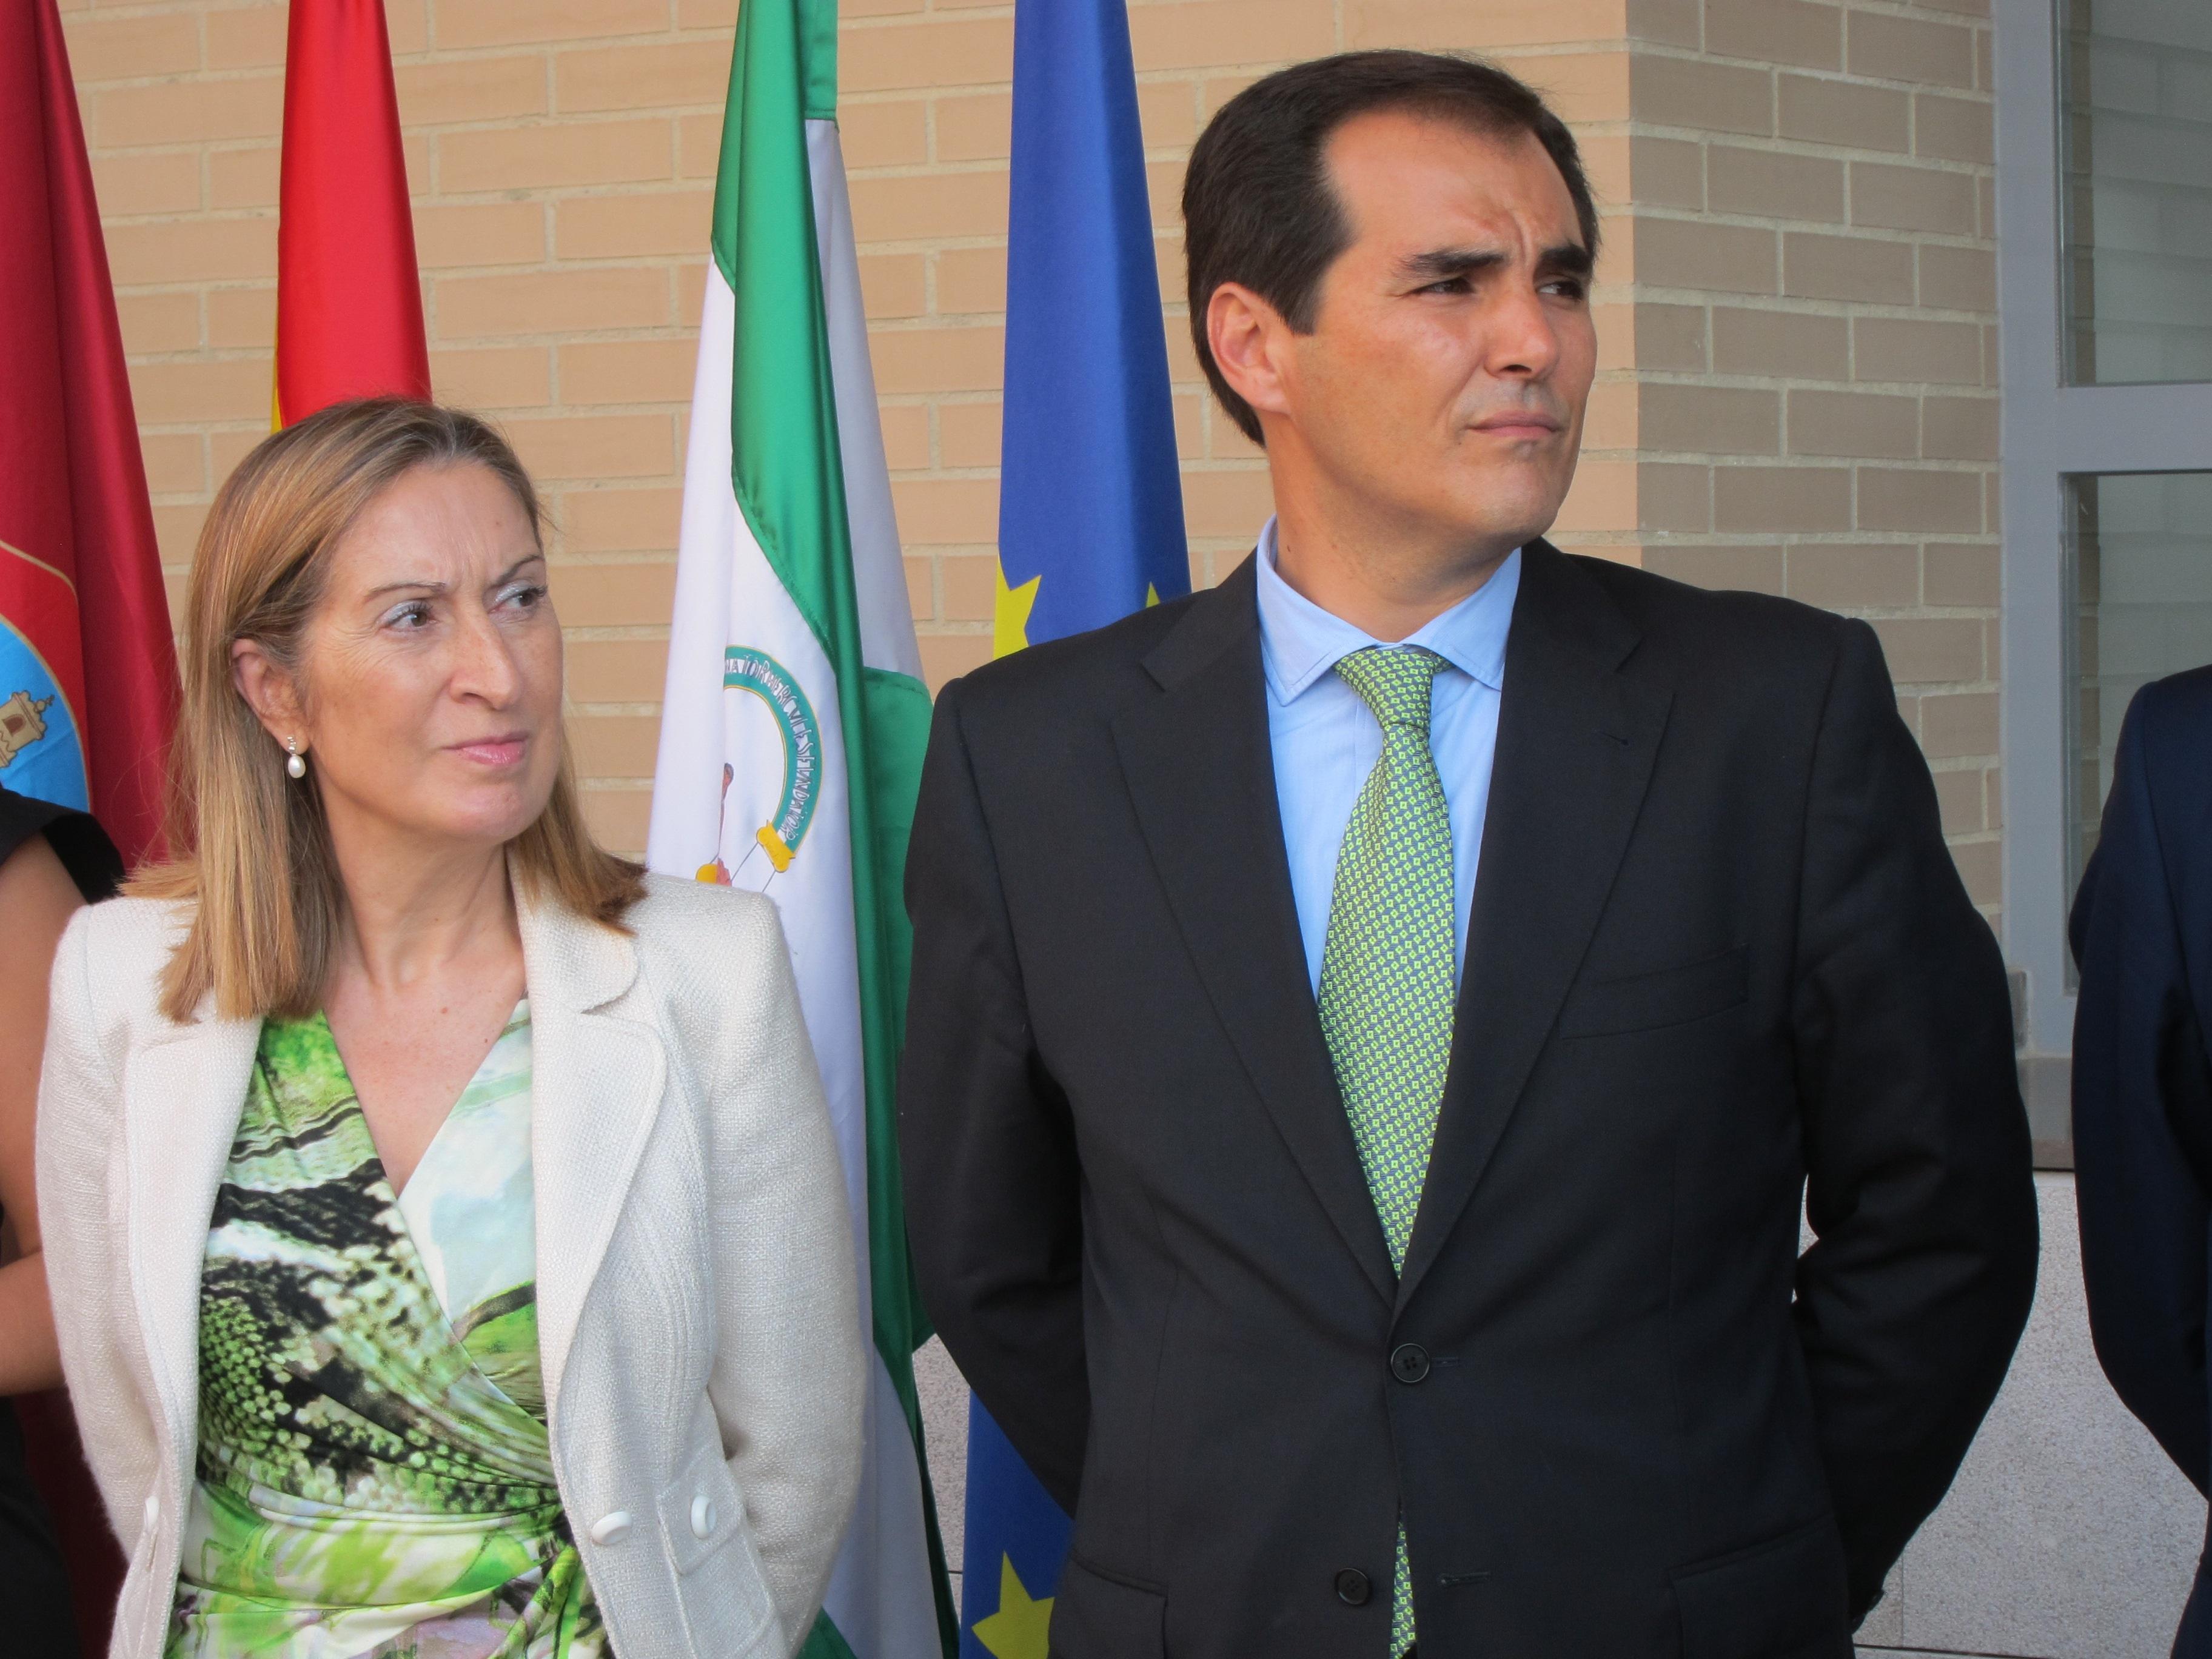 La ministra de Fomento dice que Renfe estudia «qué trenes pueden parar» en la Estación de Villanueva de Córdoba